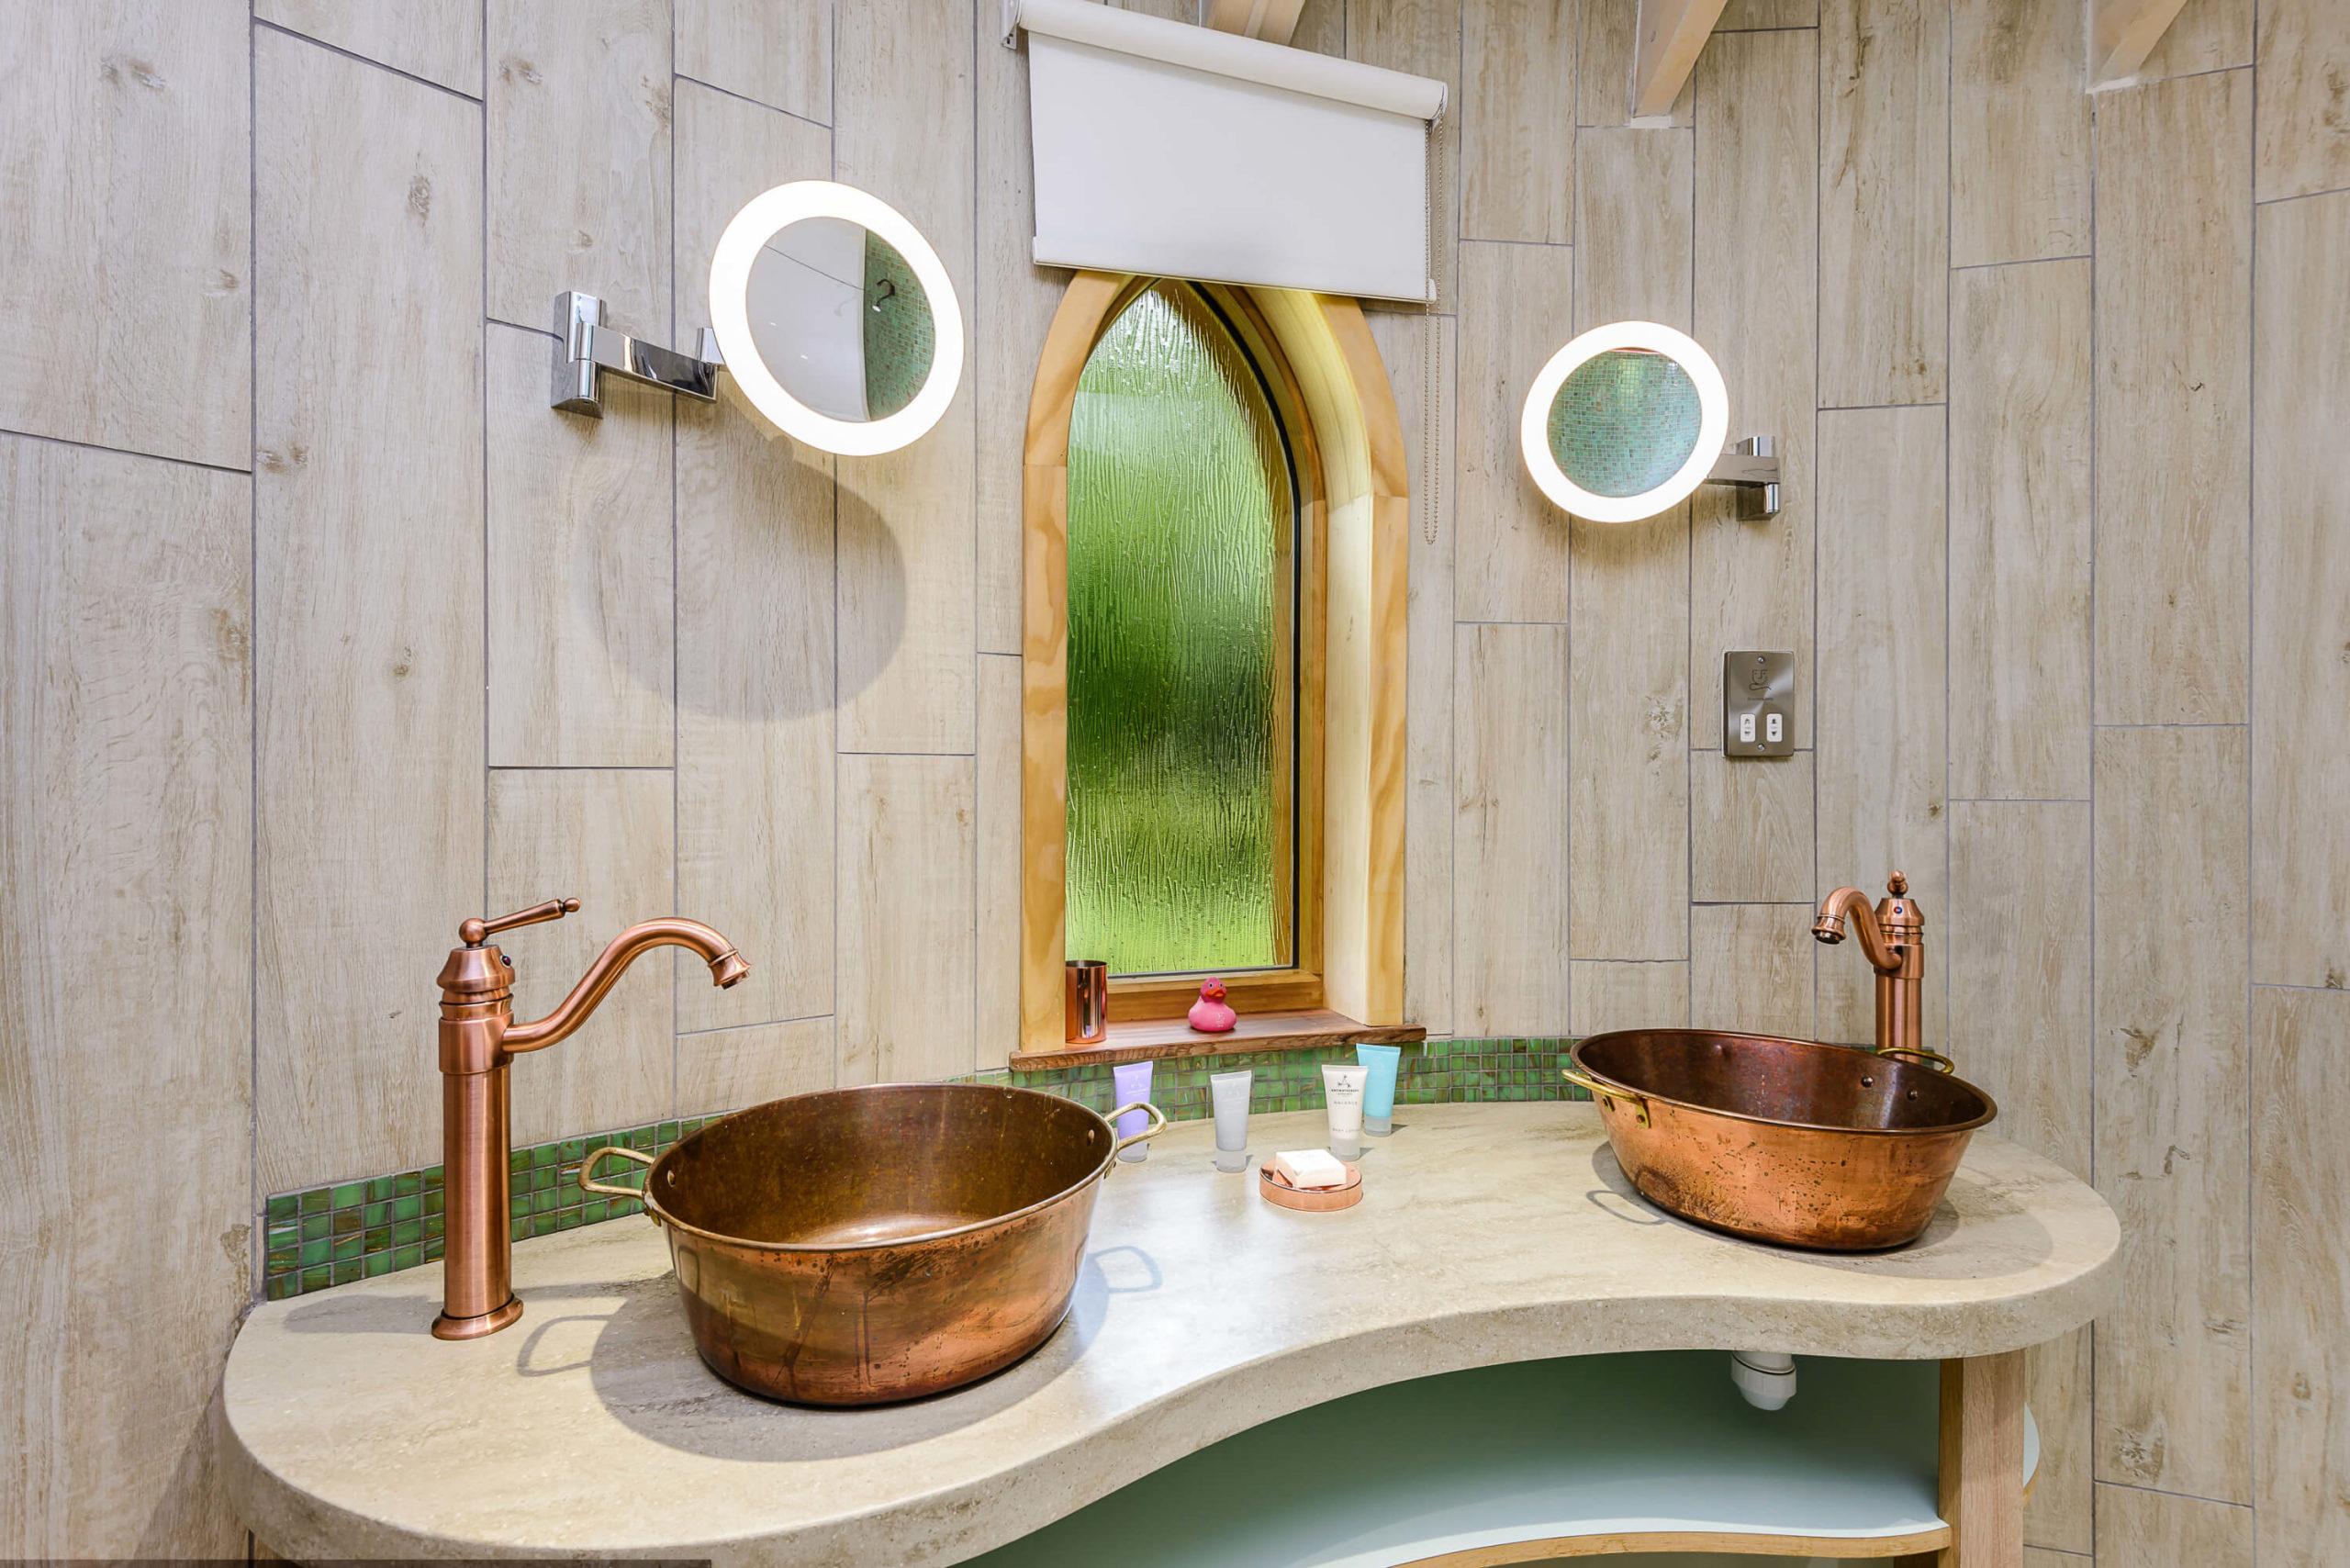 Woodside treehouse sinks